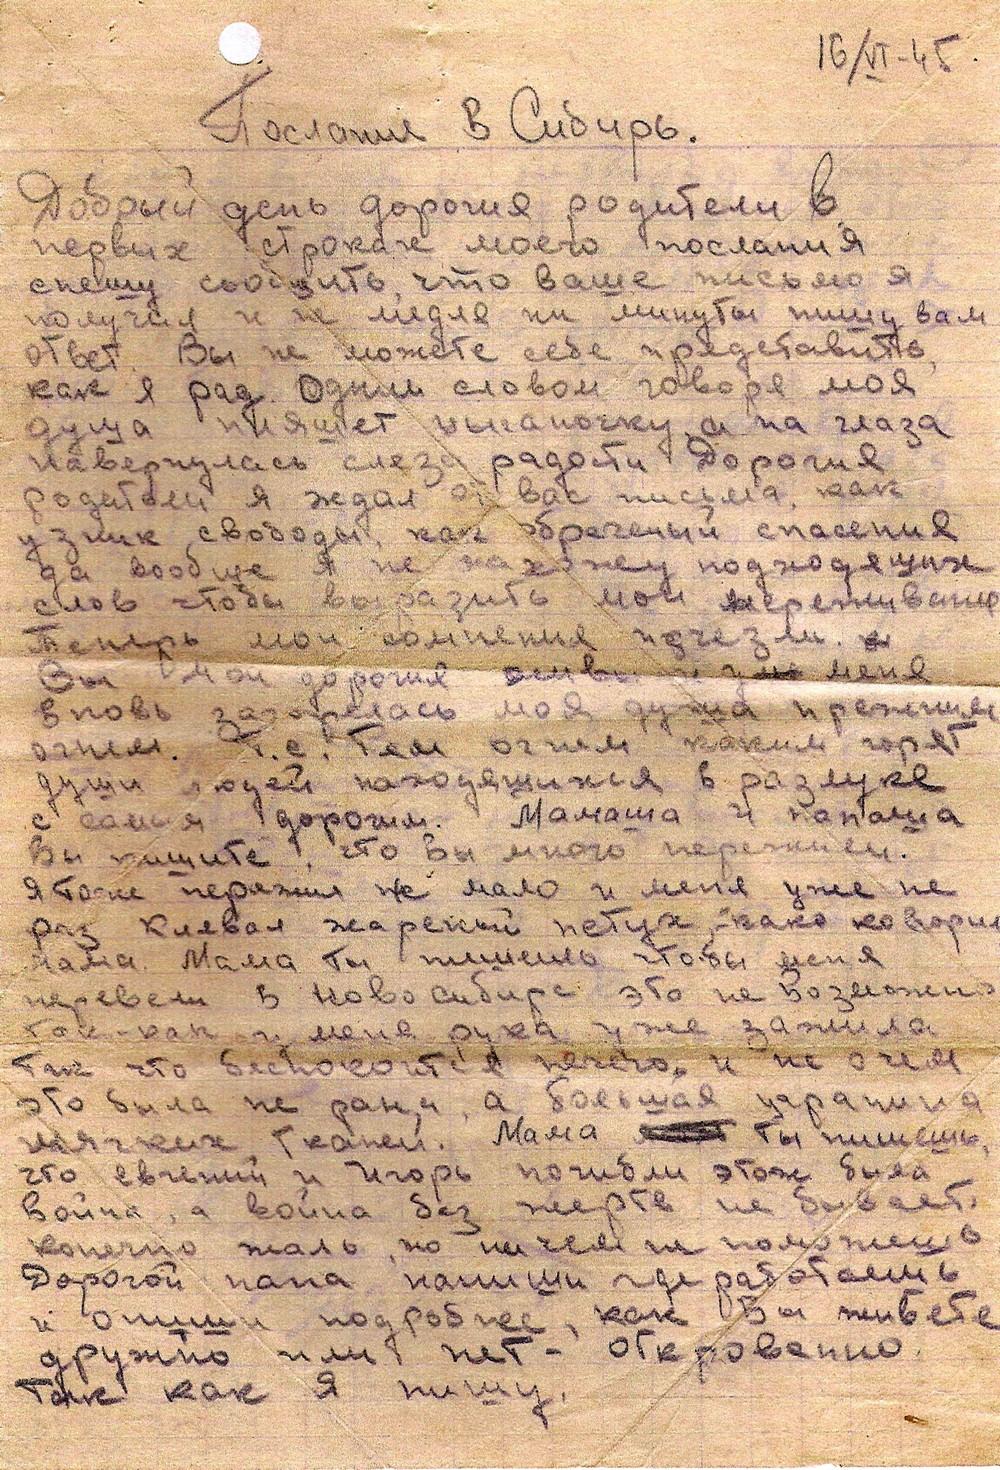 Письмо от 16 июня 1945 г.